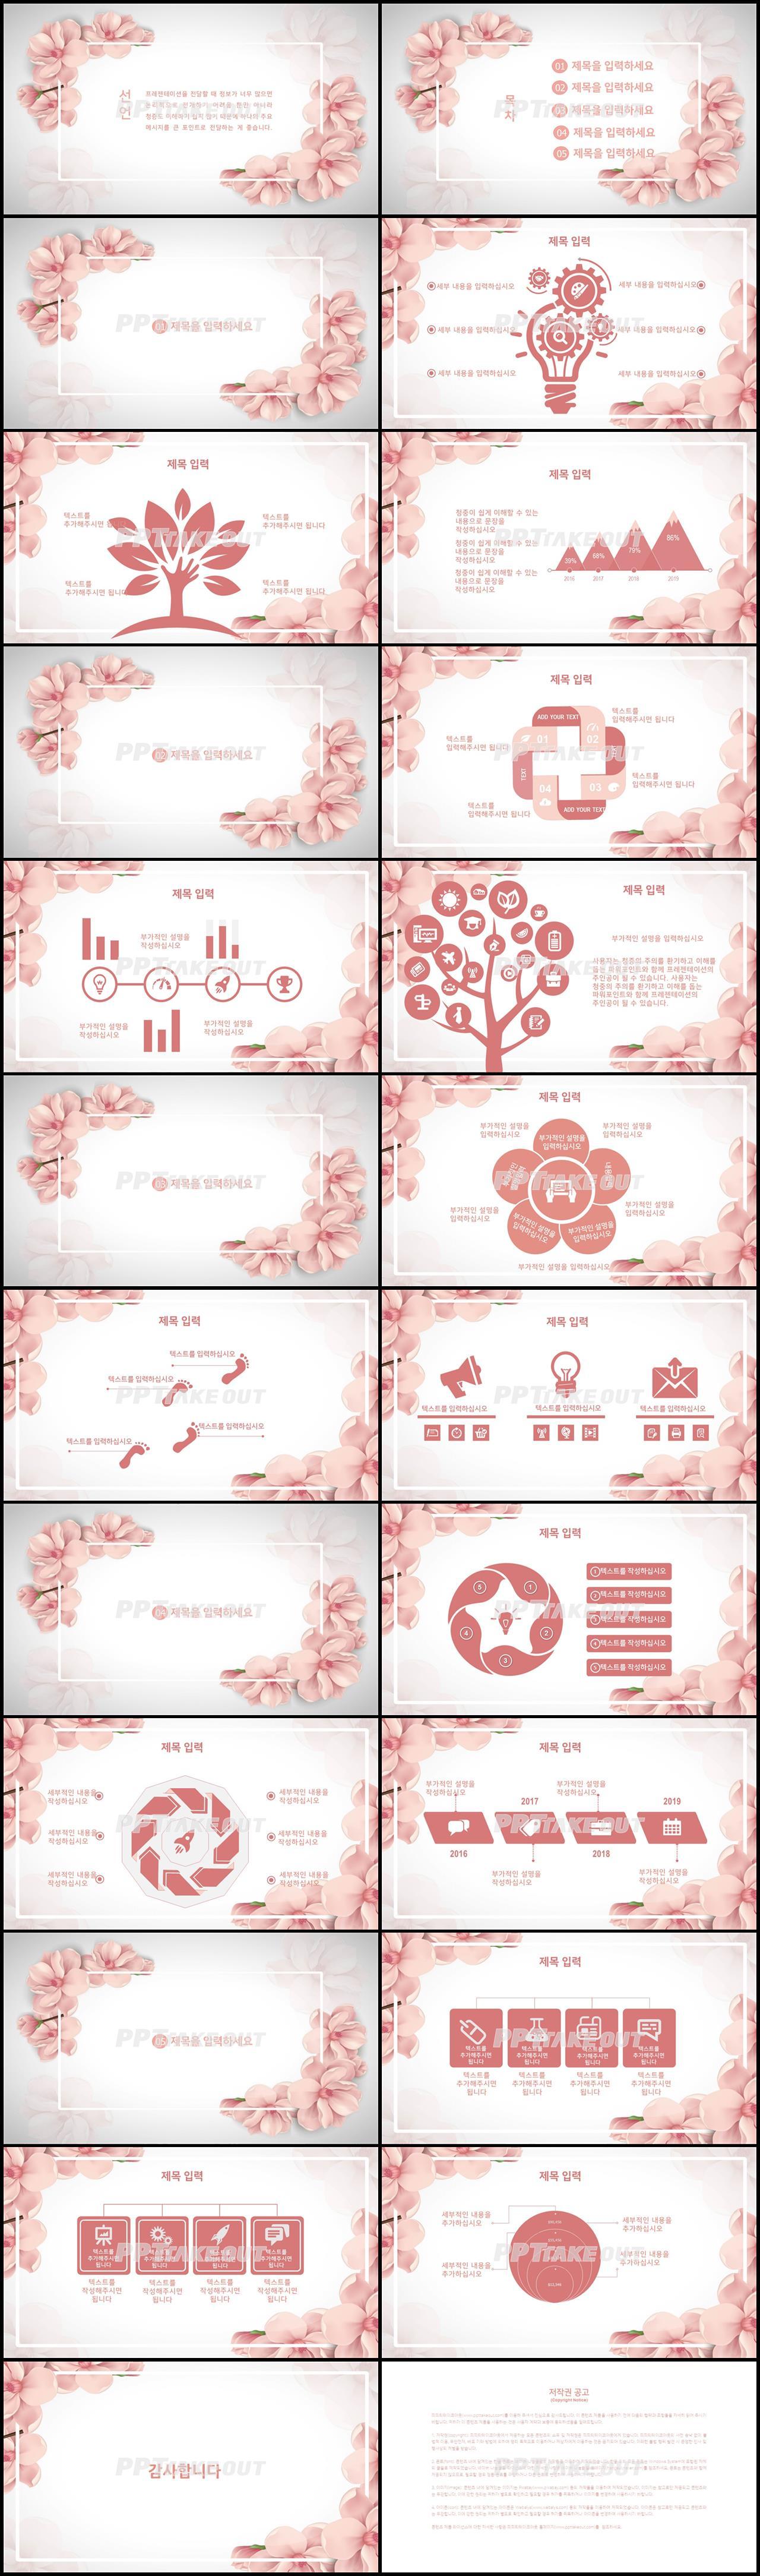 화훼, 동물주제 분홍색 아담한 발표용 POWERPOINT배경 다운 상세보기